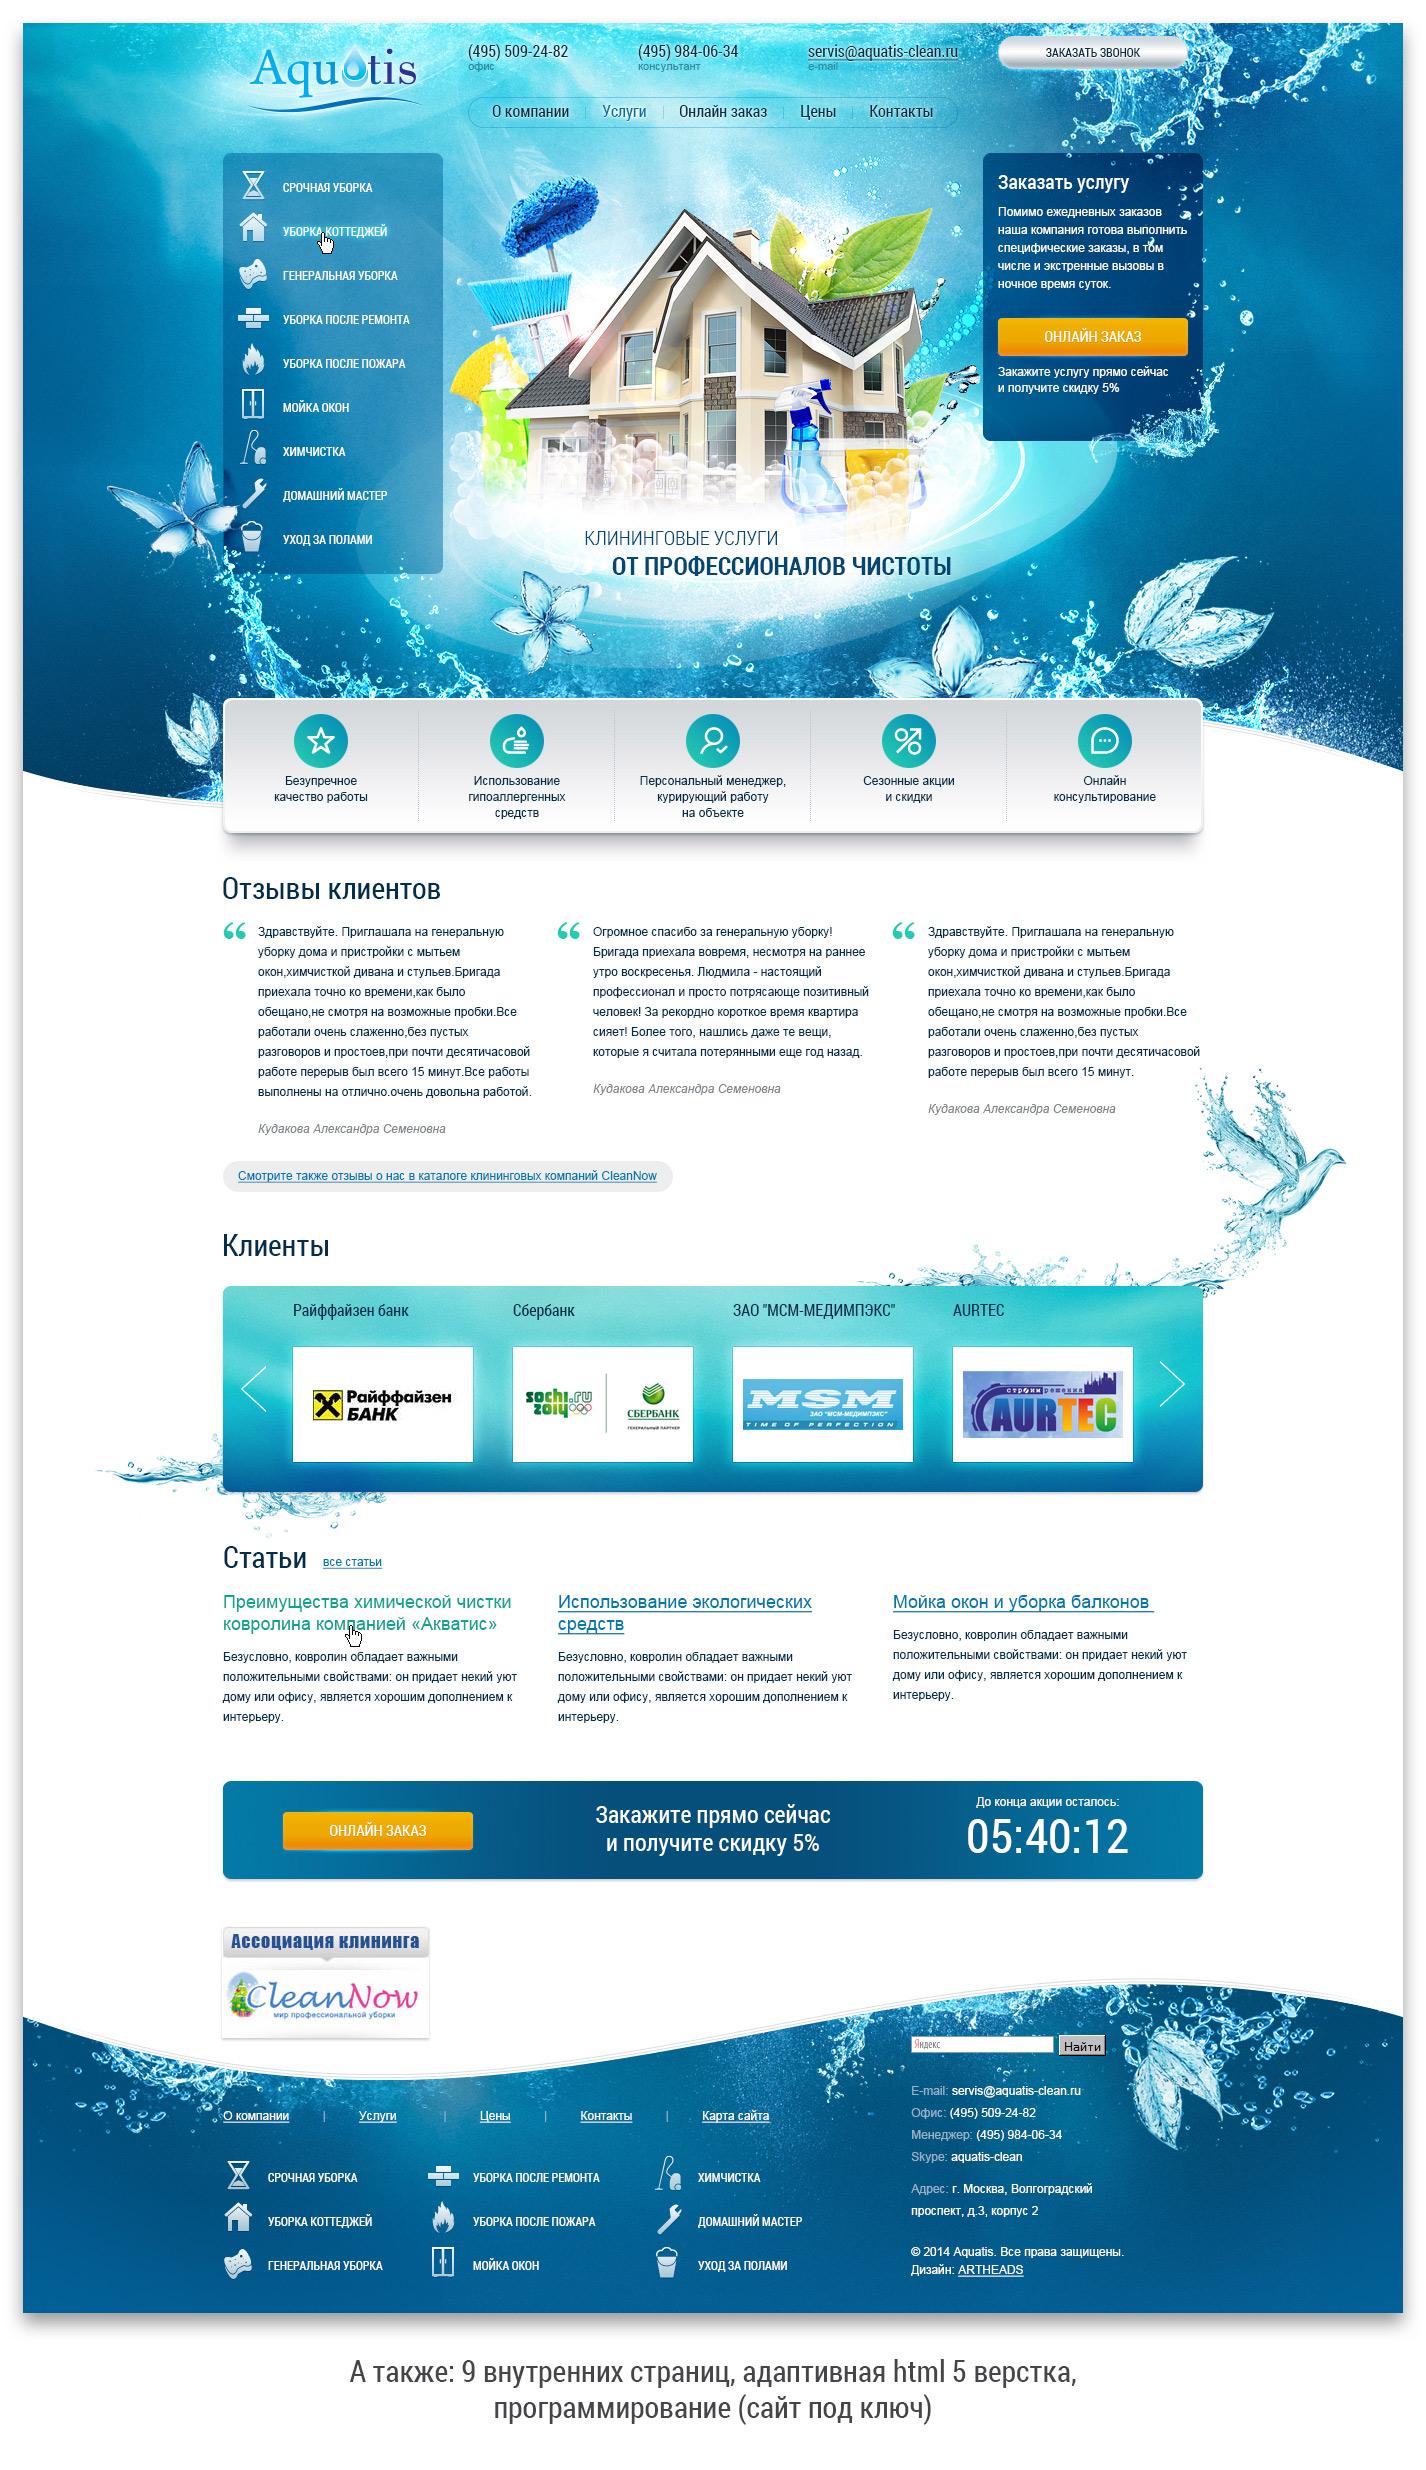 Aquatis - Клининговая компания. По просьбе заказчика главная в промо стиле. + адаптивная html5 верстка + под ключ